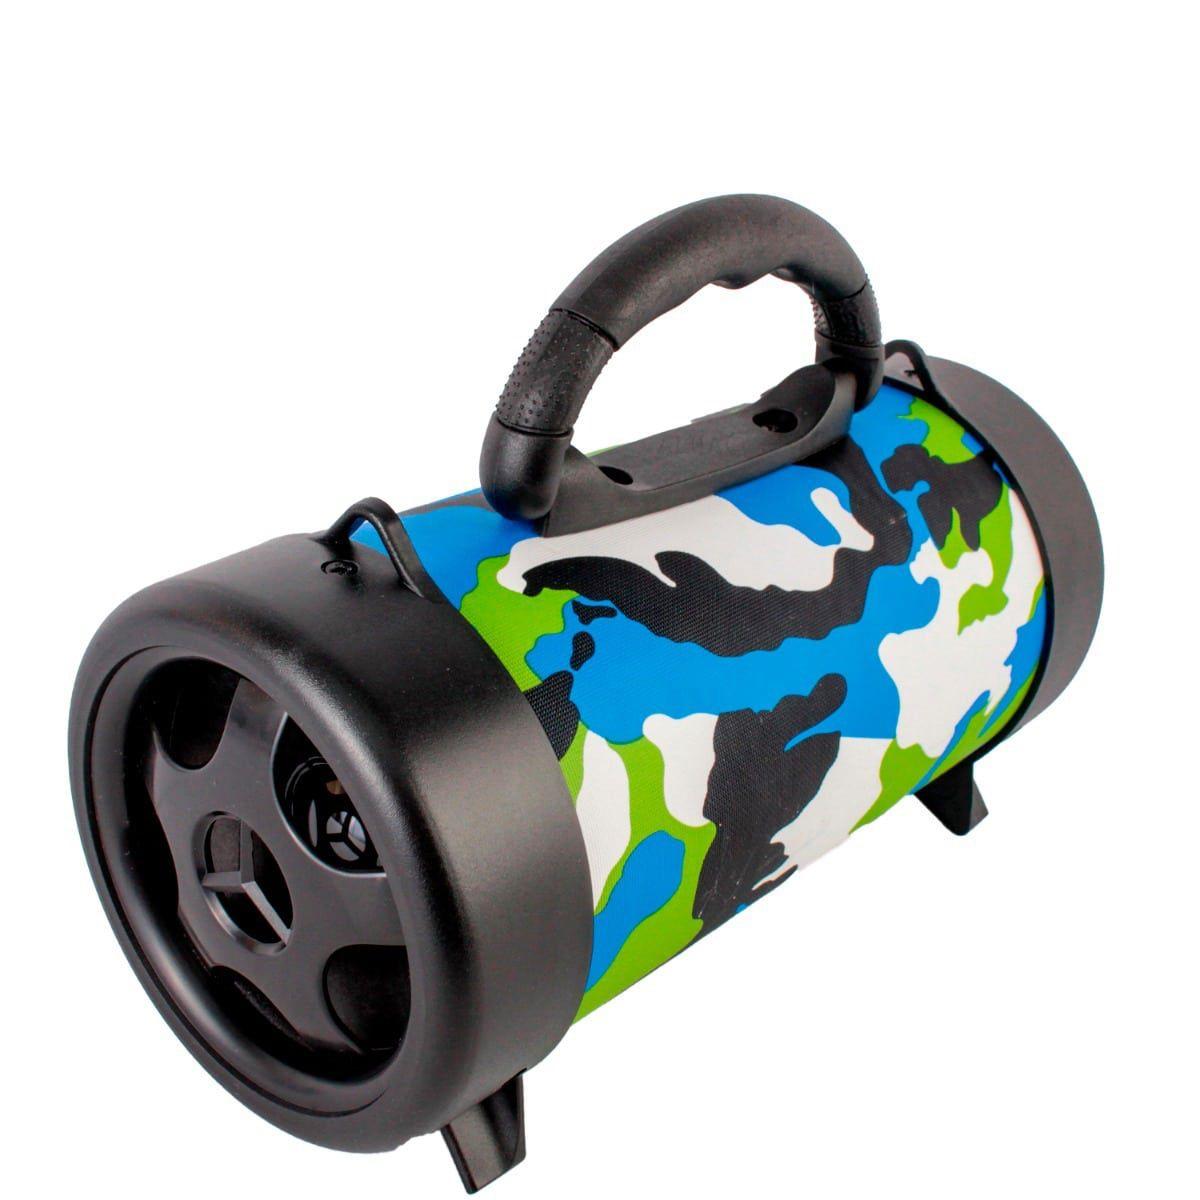 Caixa de Som Portátil Bluetooth Grasep Verde/Azul D-P8 5V 10W